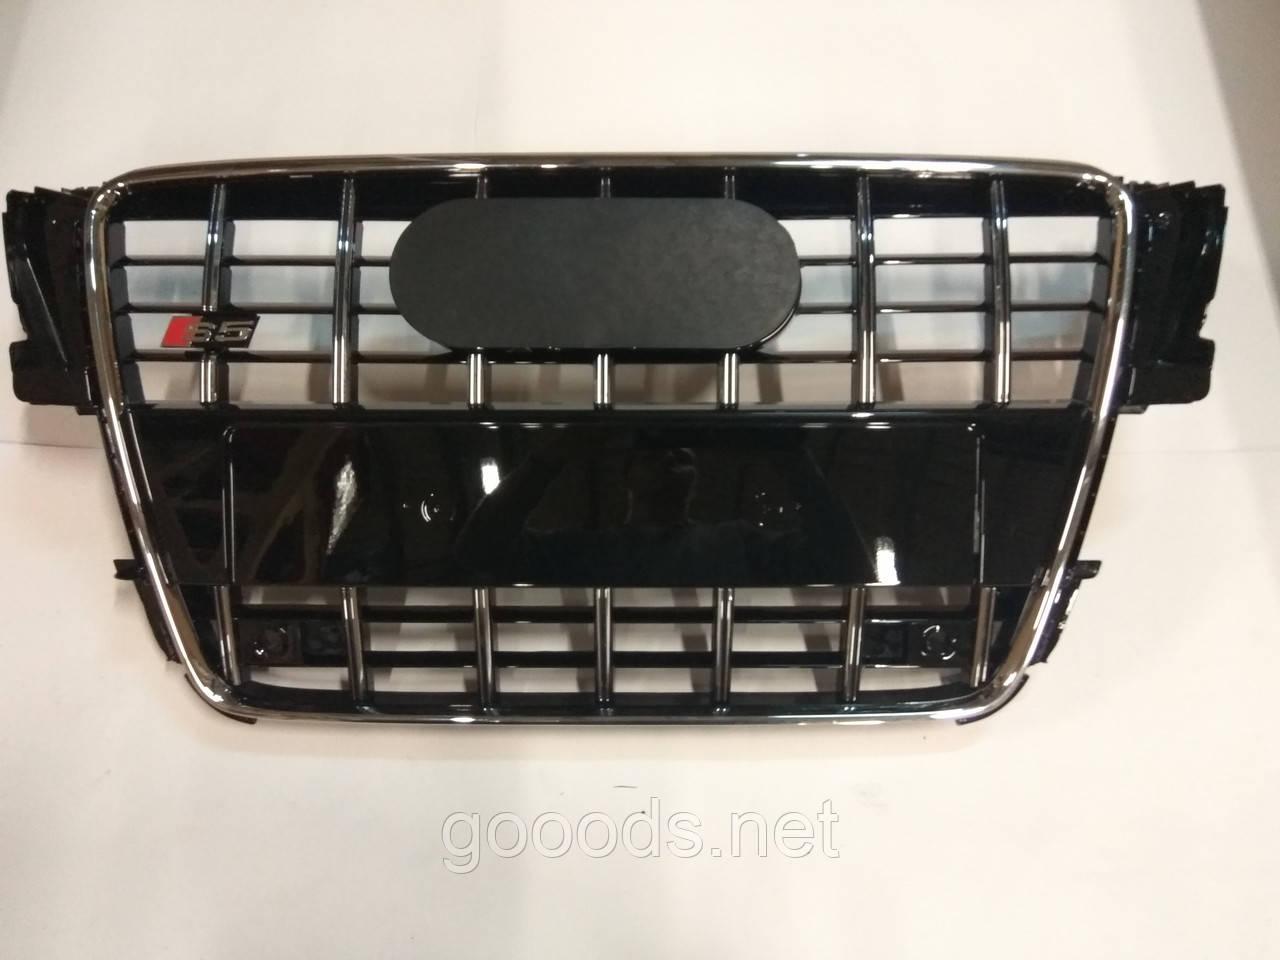 Решетка радиатора для Audi A5 в стиле S5 (08-12)